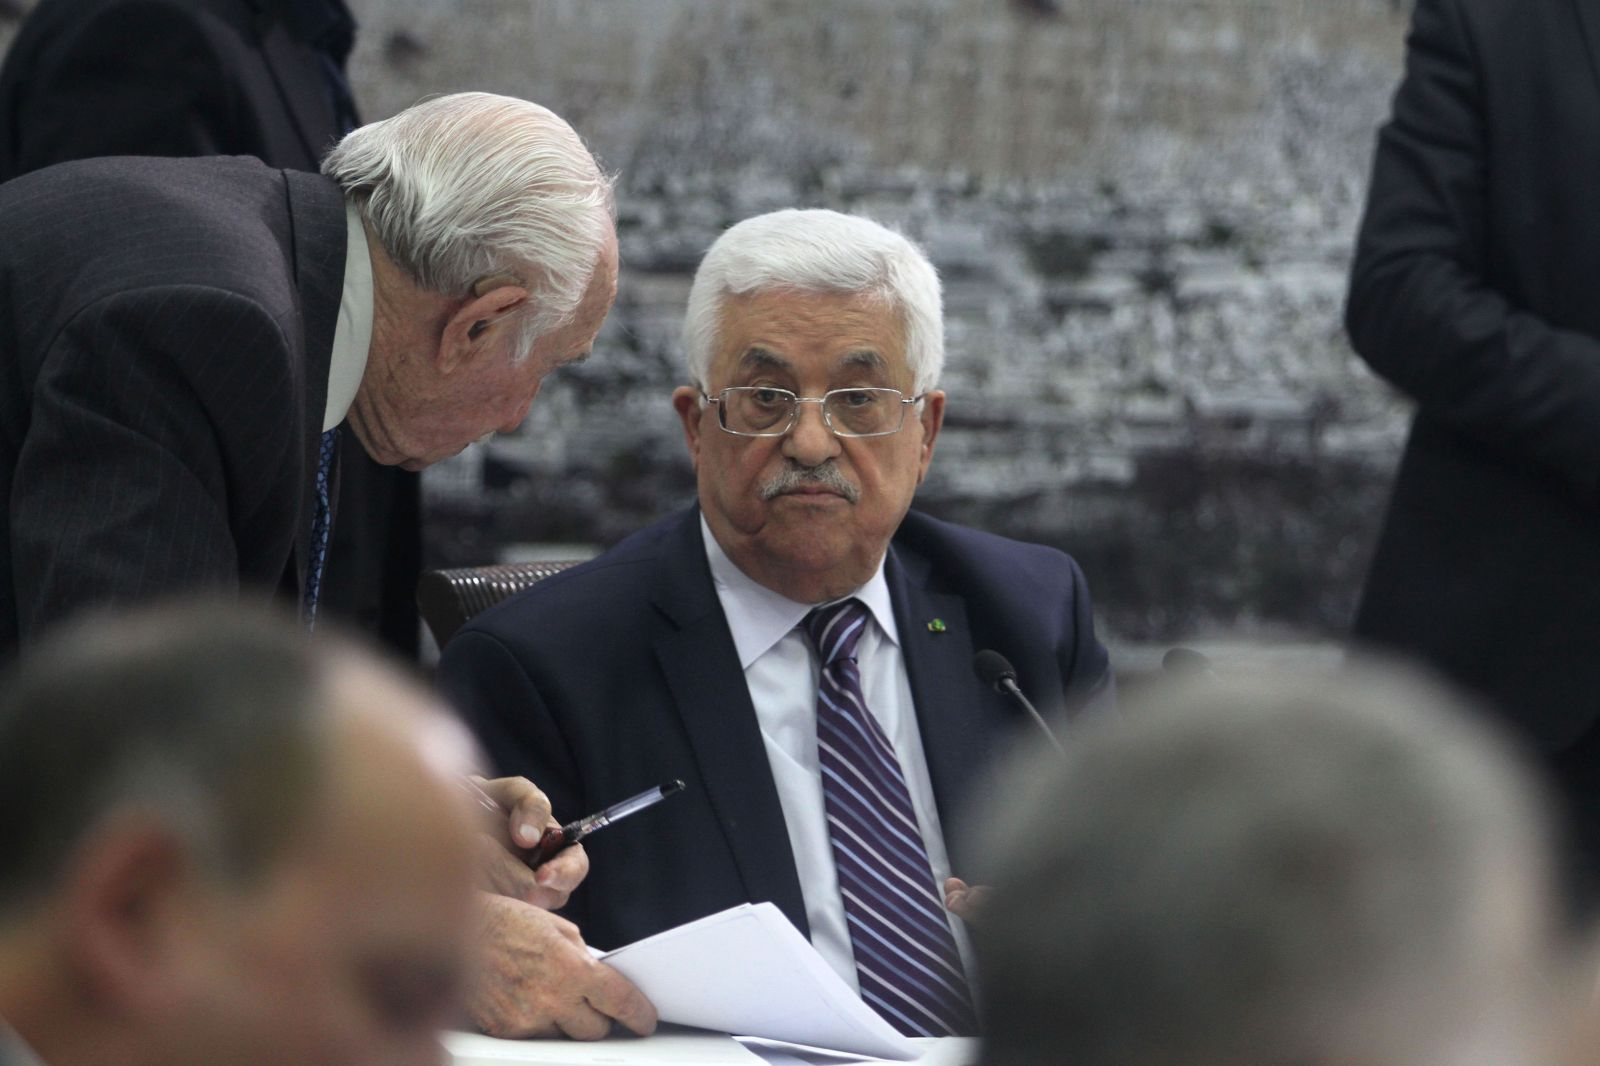 """יו""""ר הרשות הפלסטינית, מחמוד עבאס (אבו-מאזן). רמאללה, 1.4.14 (צילום: עיסאם רימאווי)"""